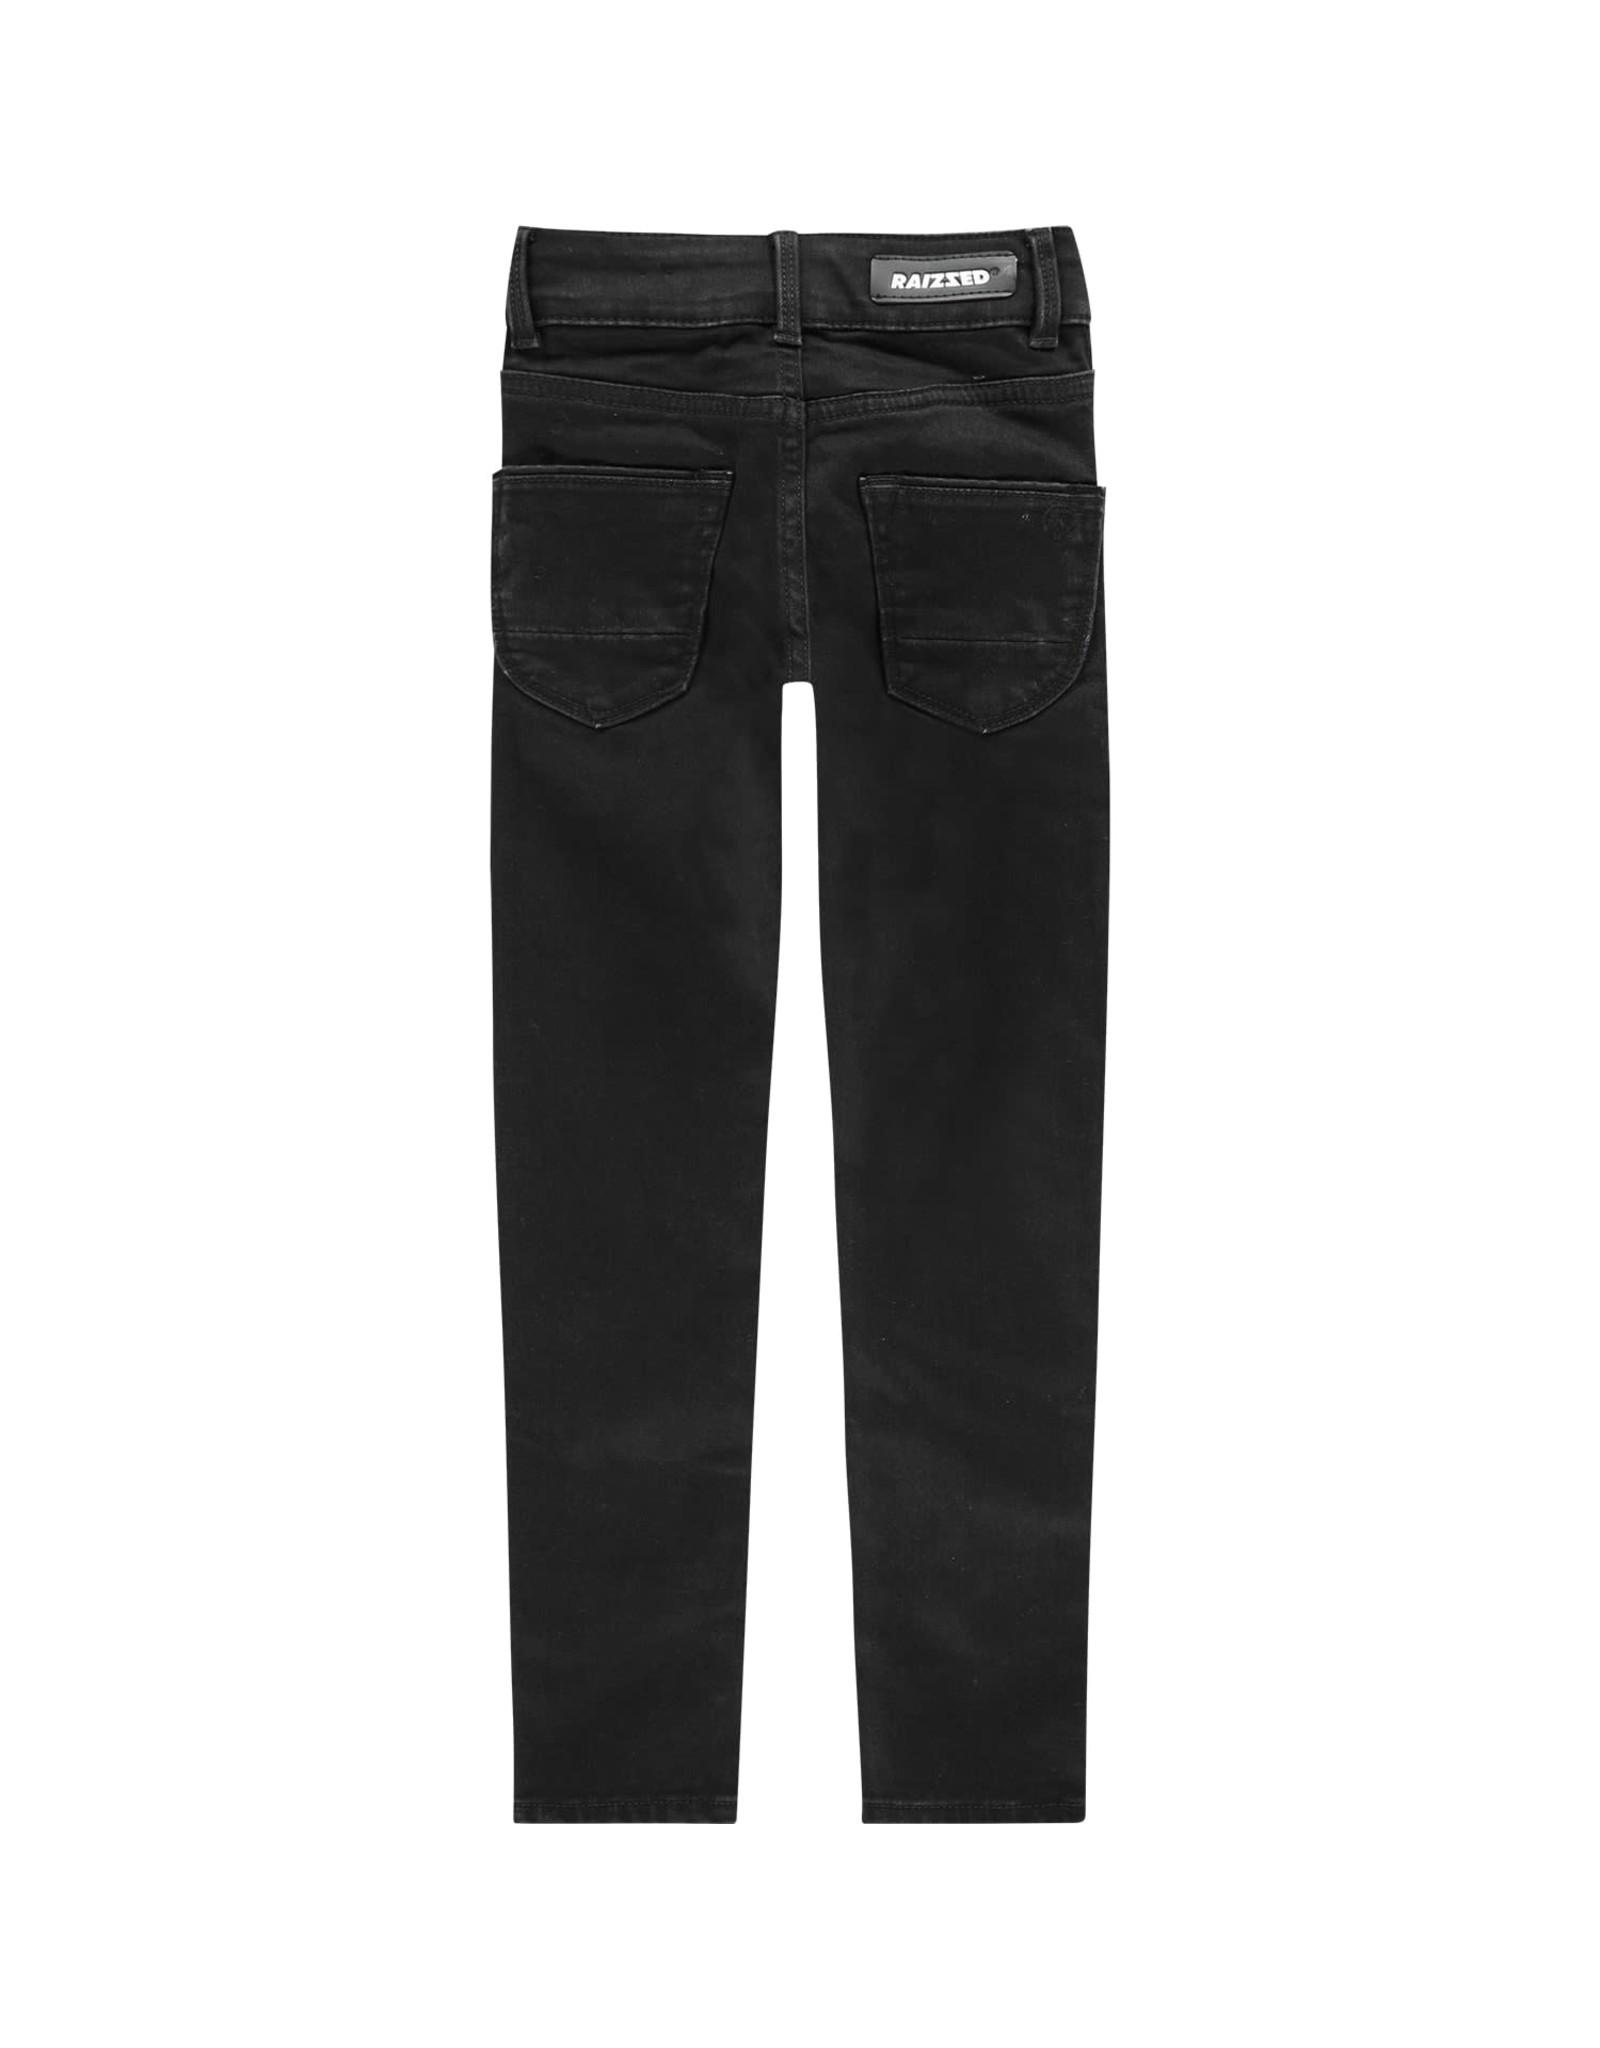 Raizzed Raizzed meiden jeans Chelsea Black W20